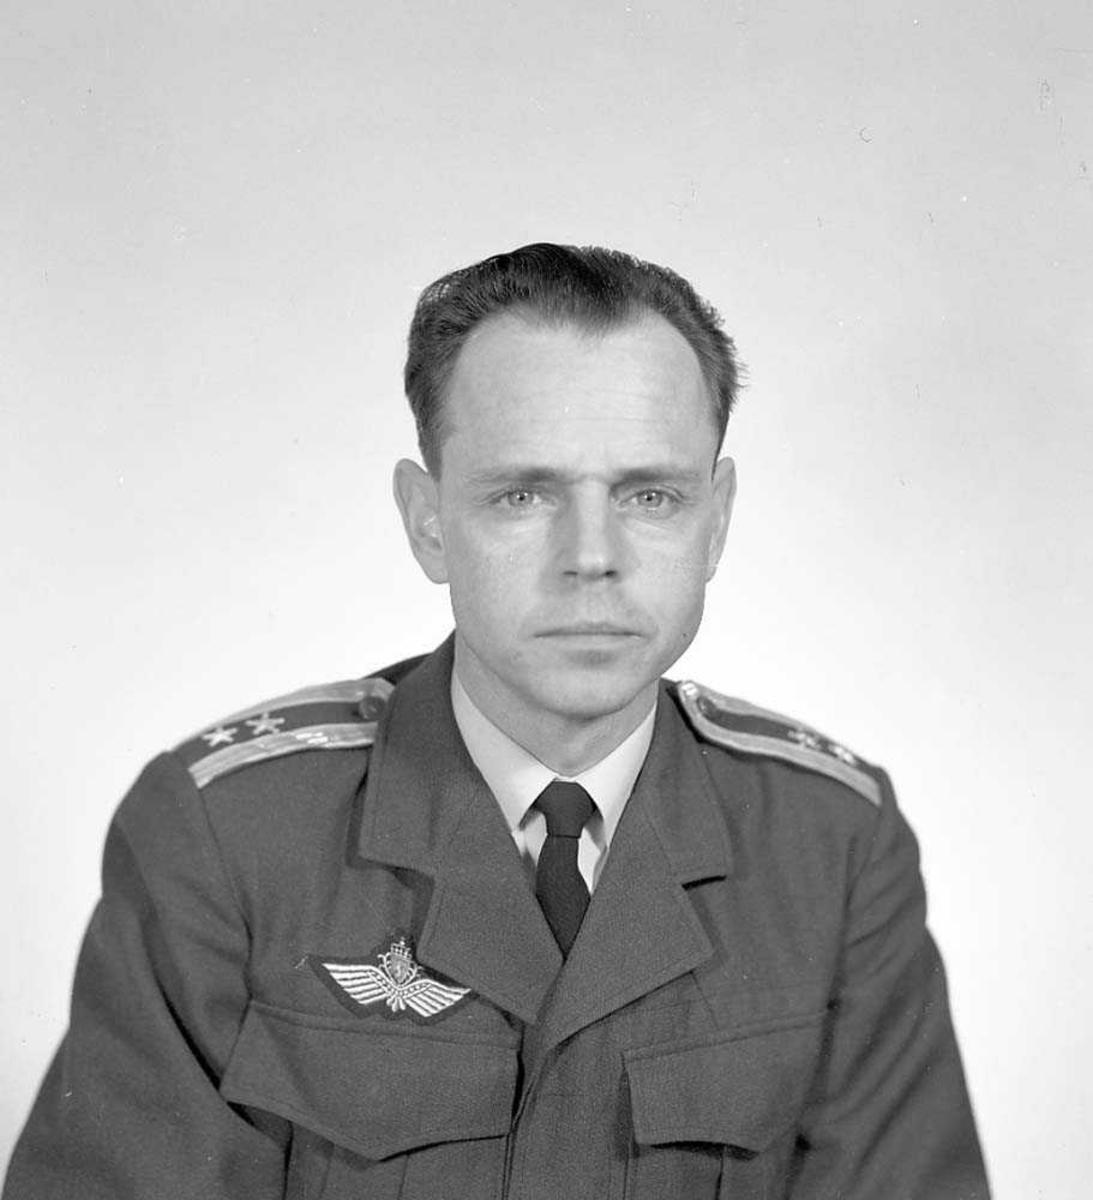 Portrett av Oberstløytnant Gunnar Berge, Operasjonsgruppesjef, Bodø flystasjon.